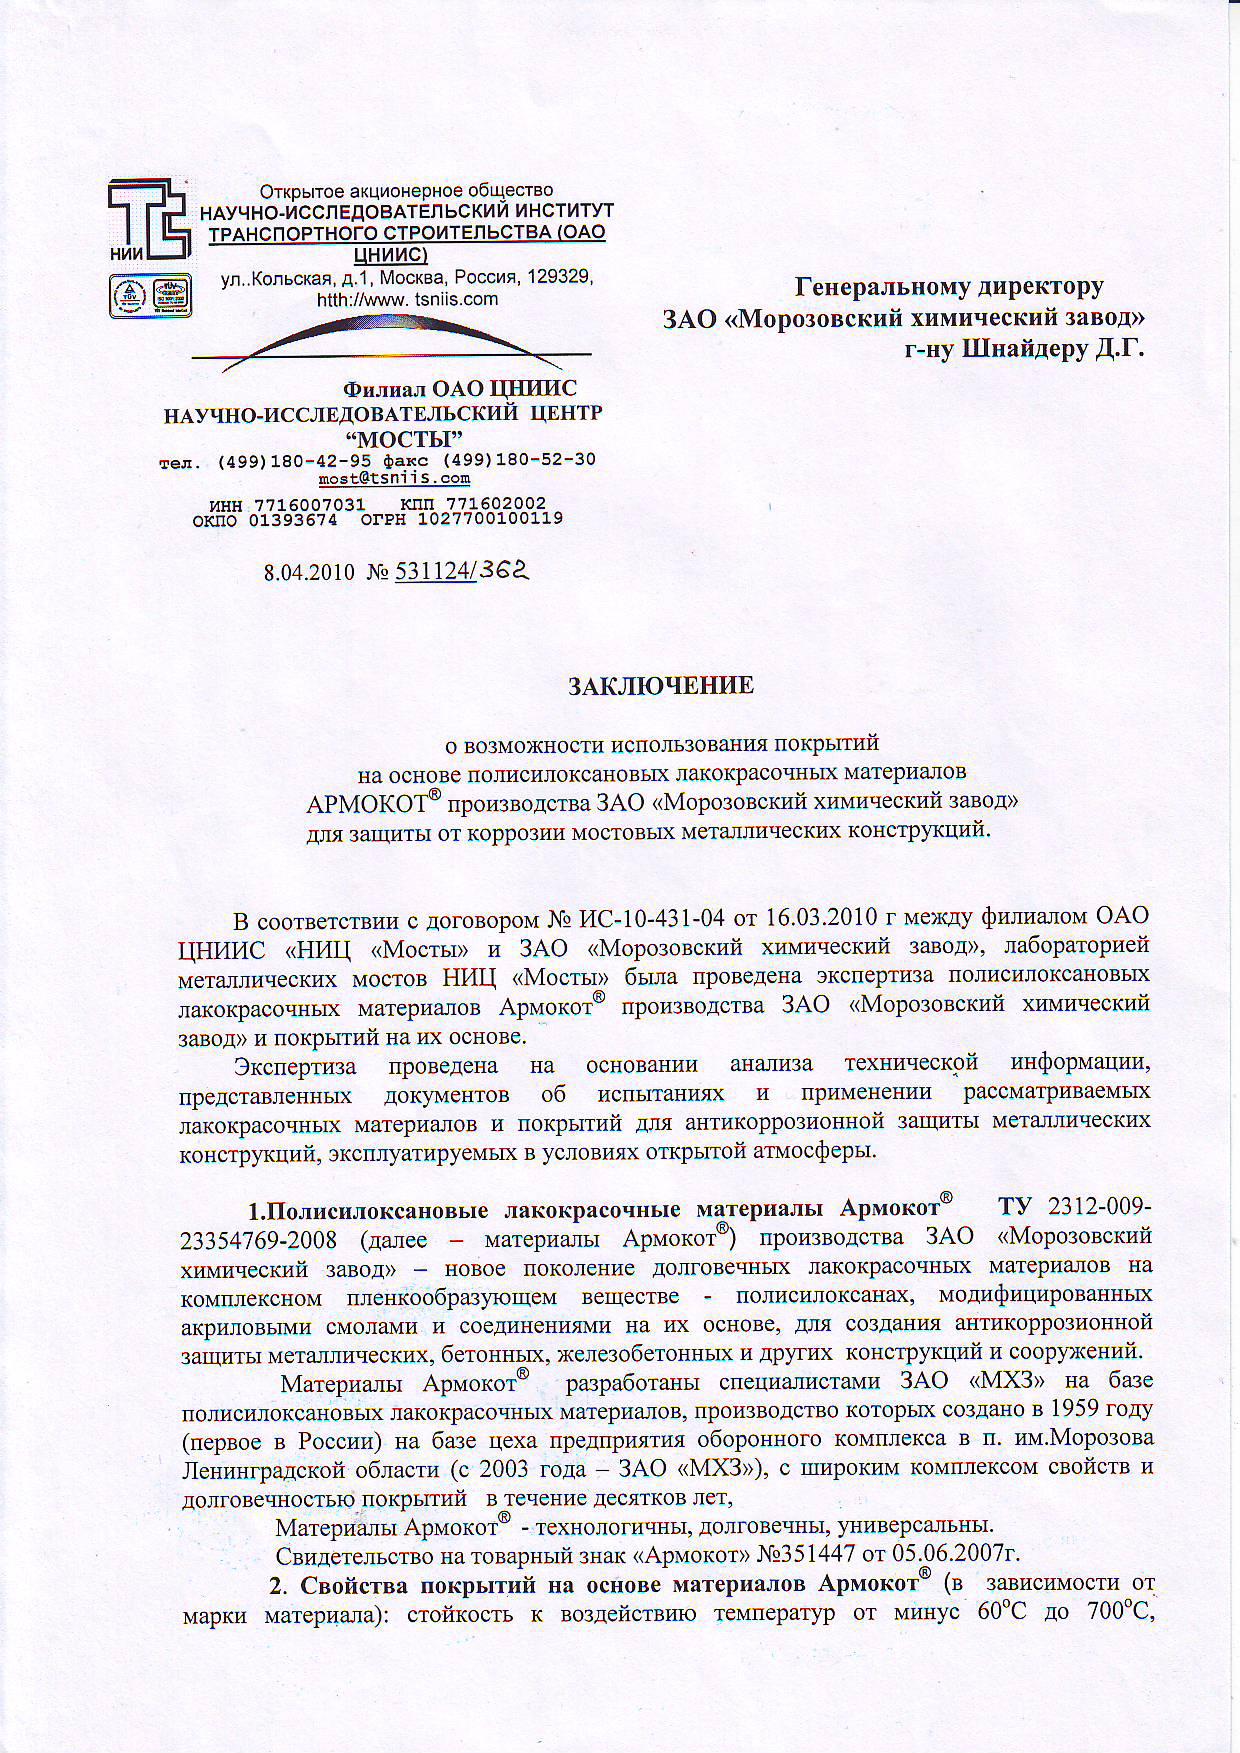 ЦНИИС-МОСТЫ заключение на систему Армокот 01-F100 25 лет 1 лист